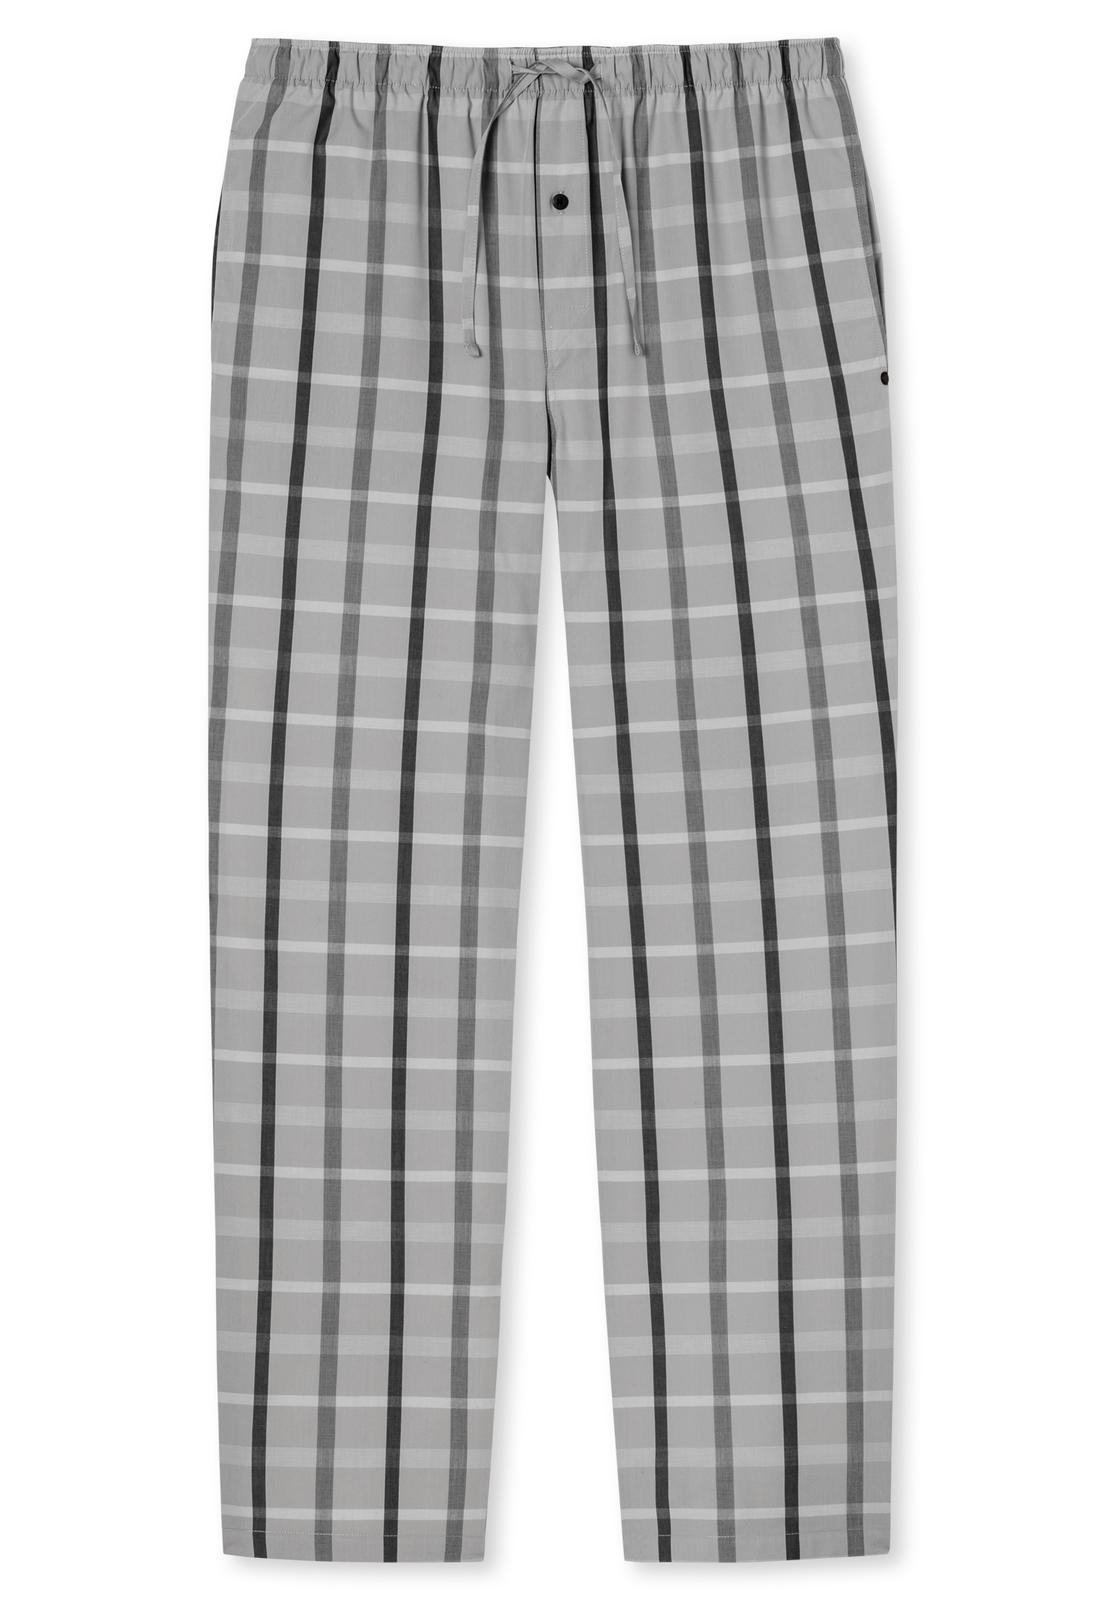 Schiesser pyjama pour homme mix relax Pantalon salon de pyjama Schiesser  48-7xl tailles grandes e4aff9 dfa7dfce78d